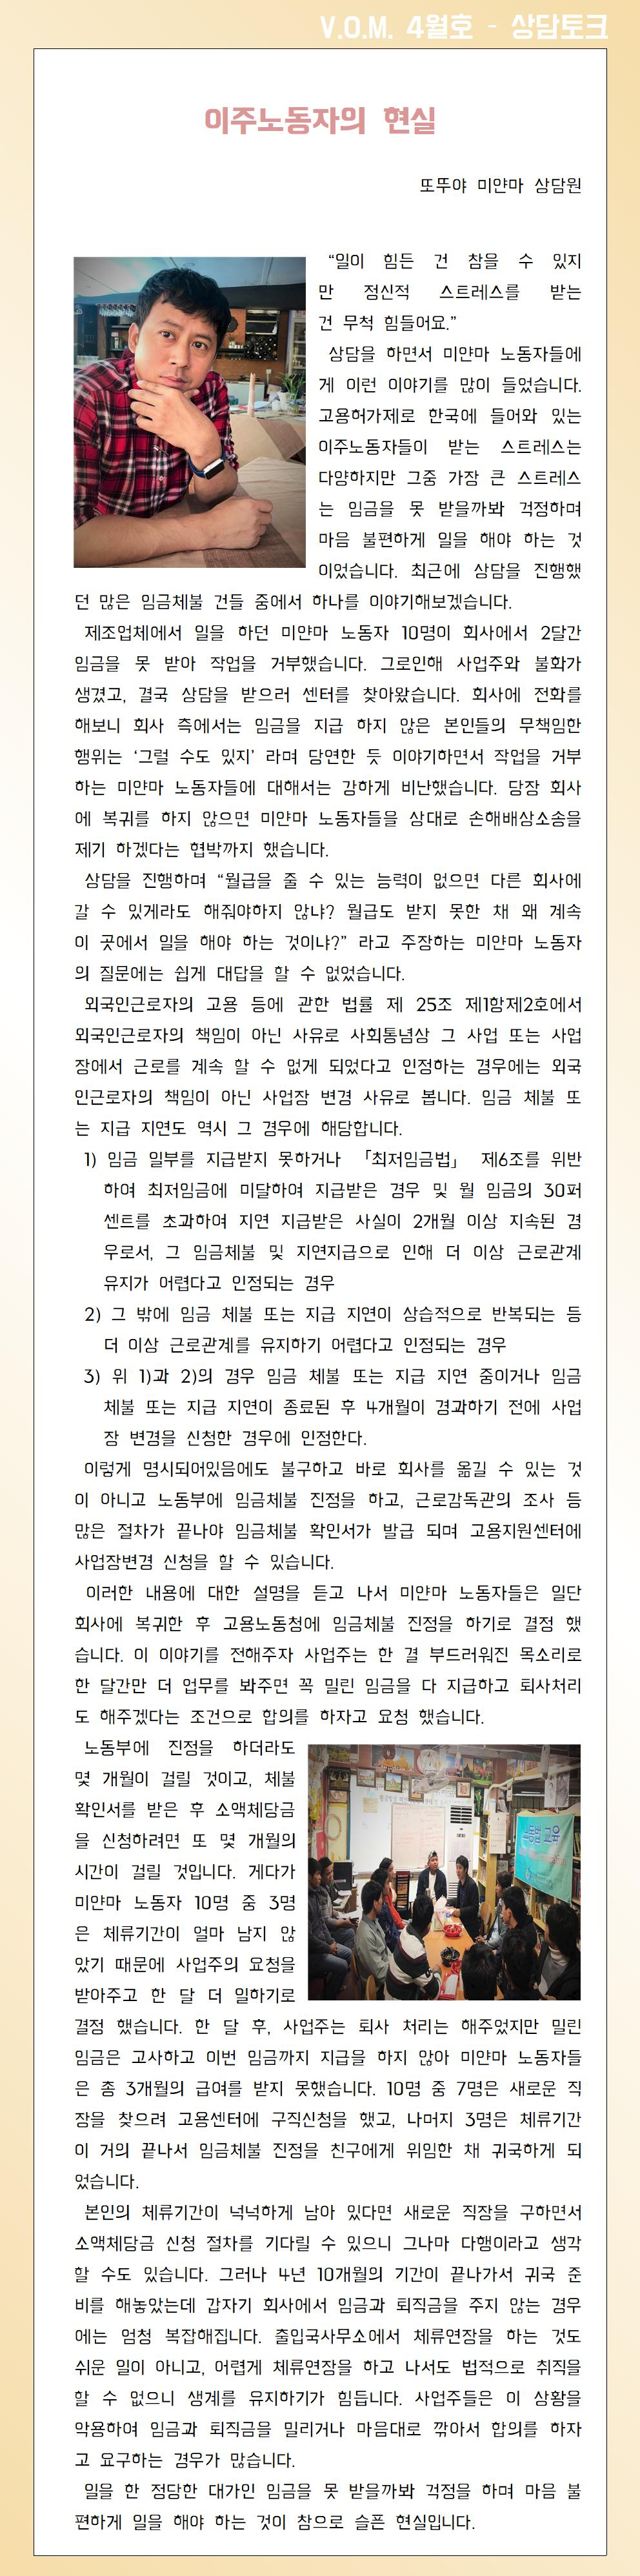 01. 상담토크-또뚜야001